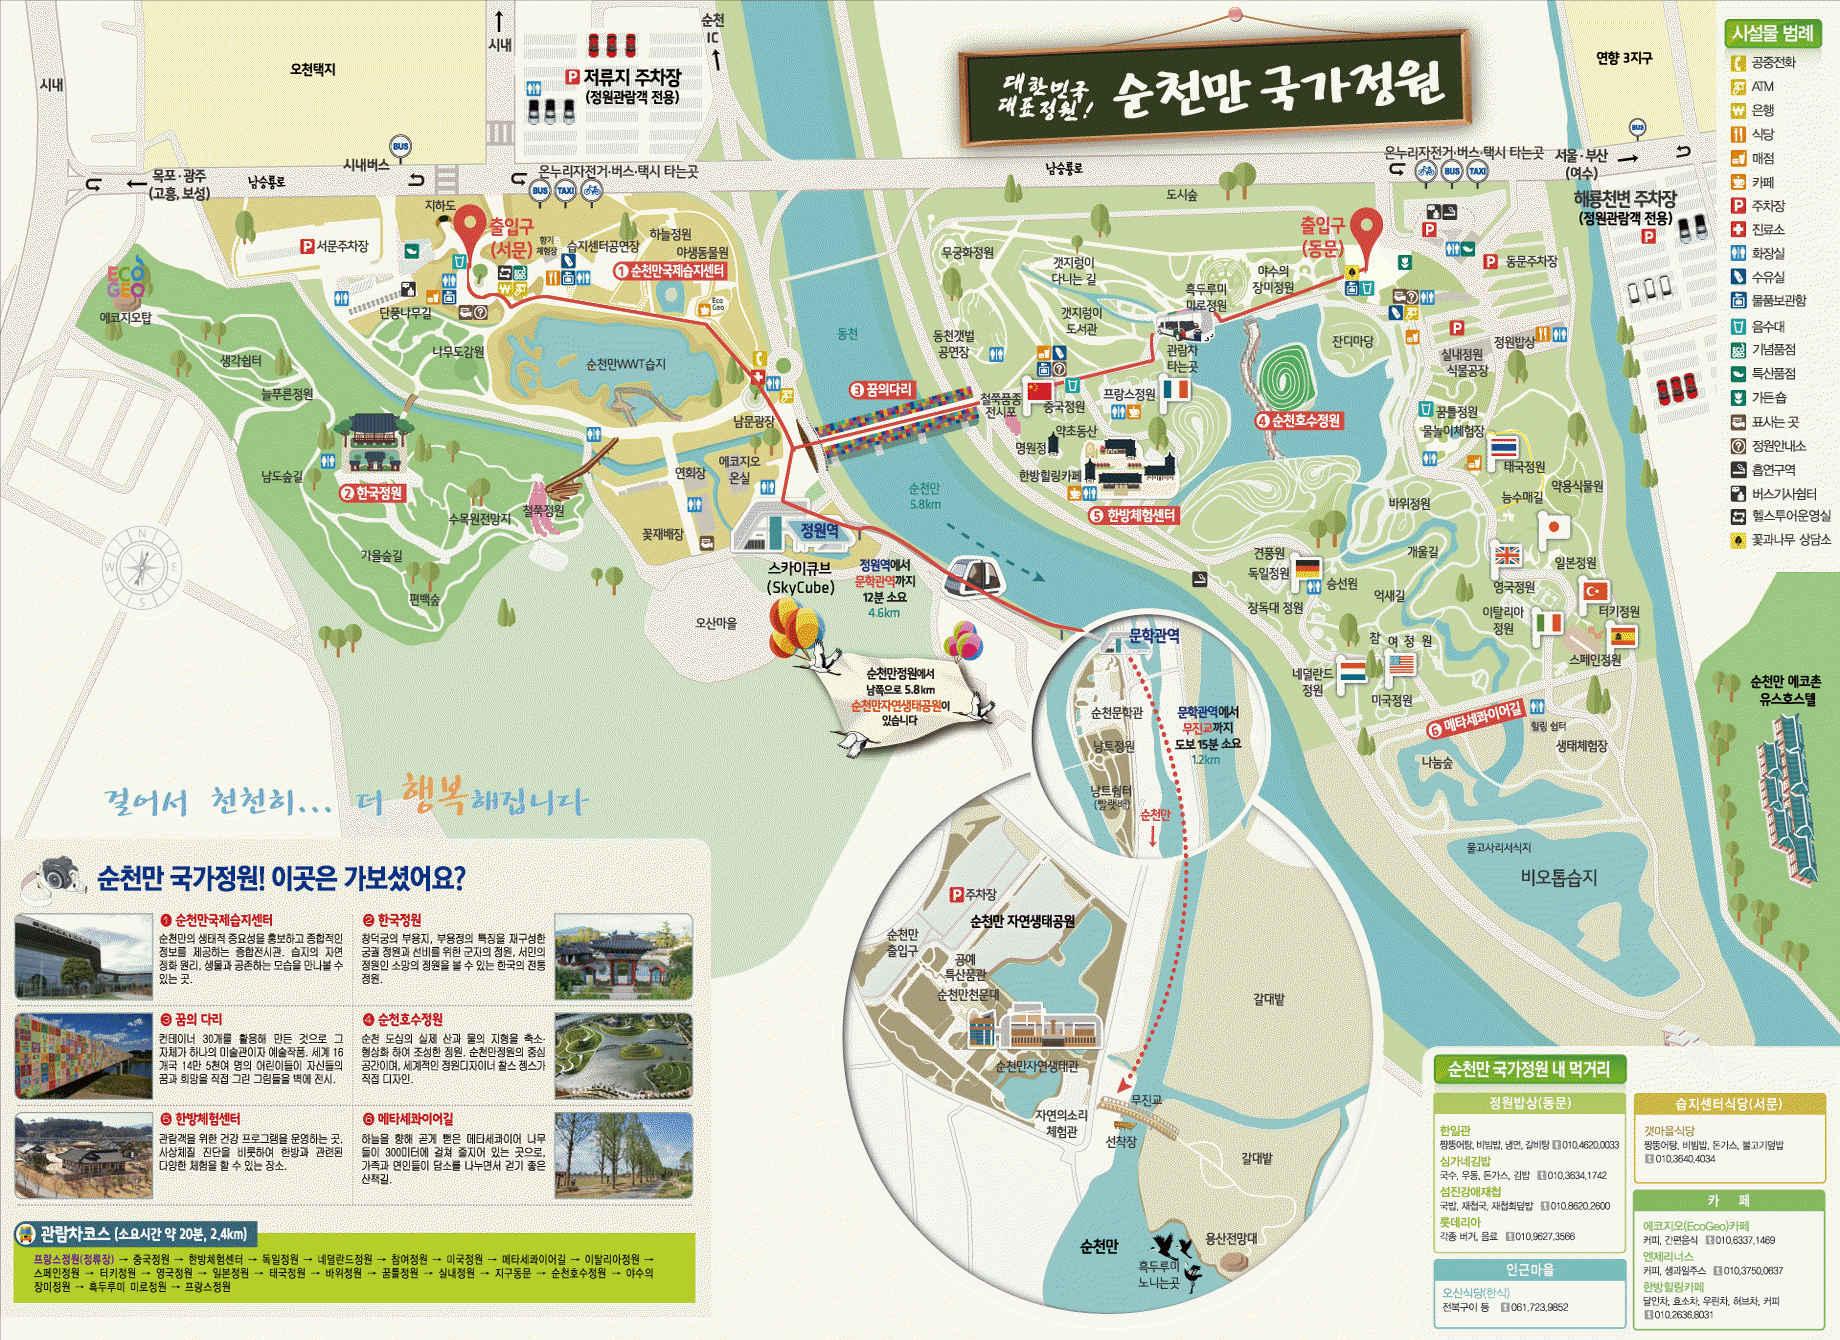 順天灣庭園遊覽地圖